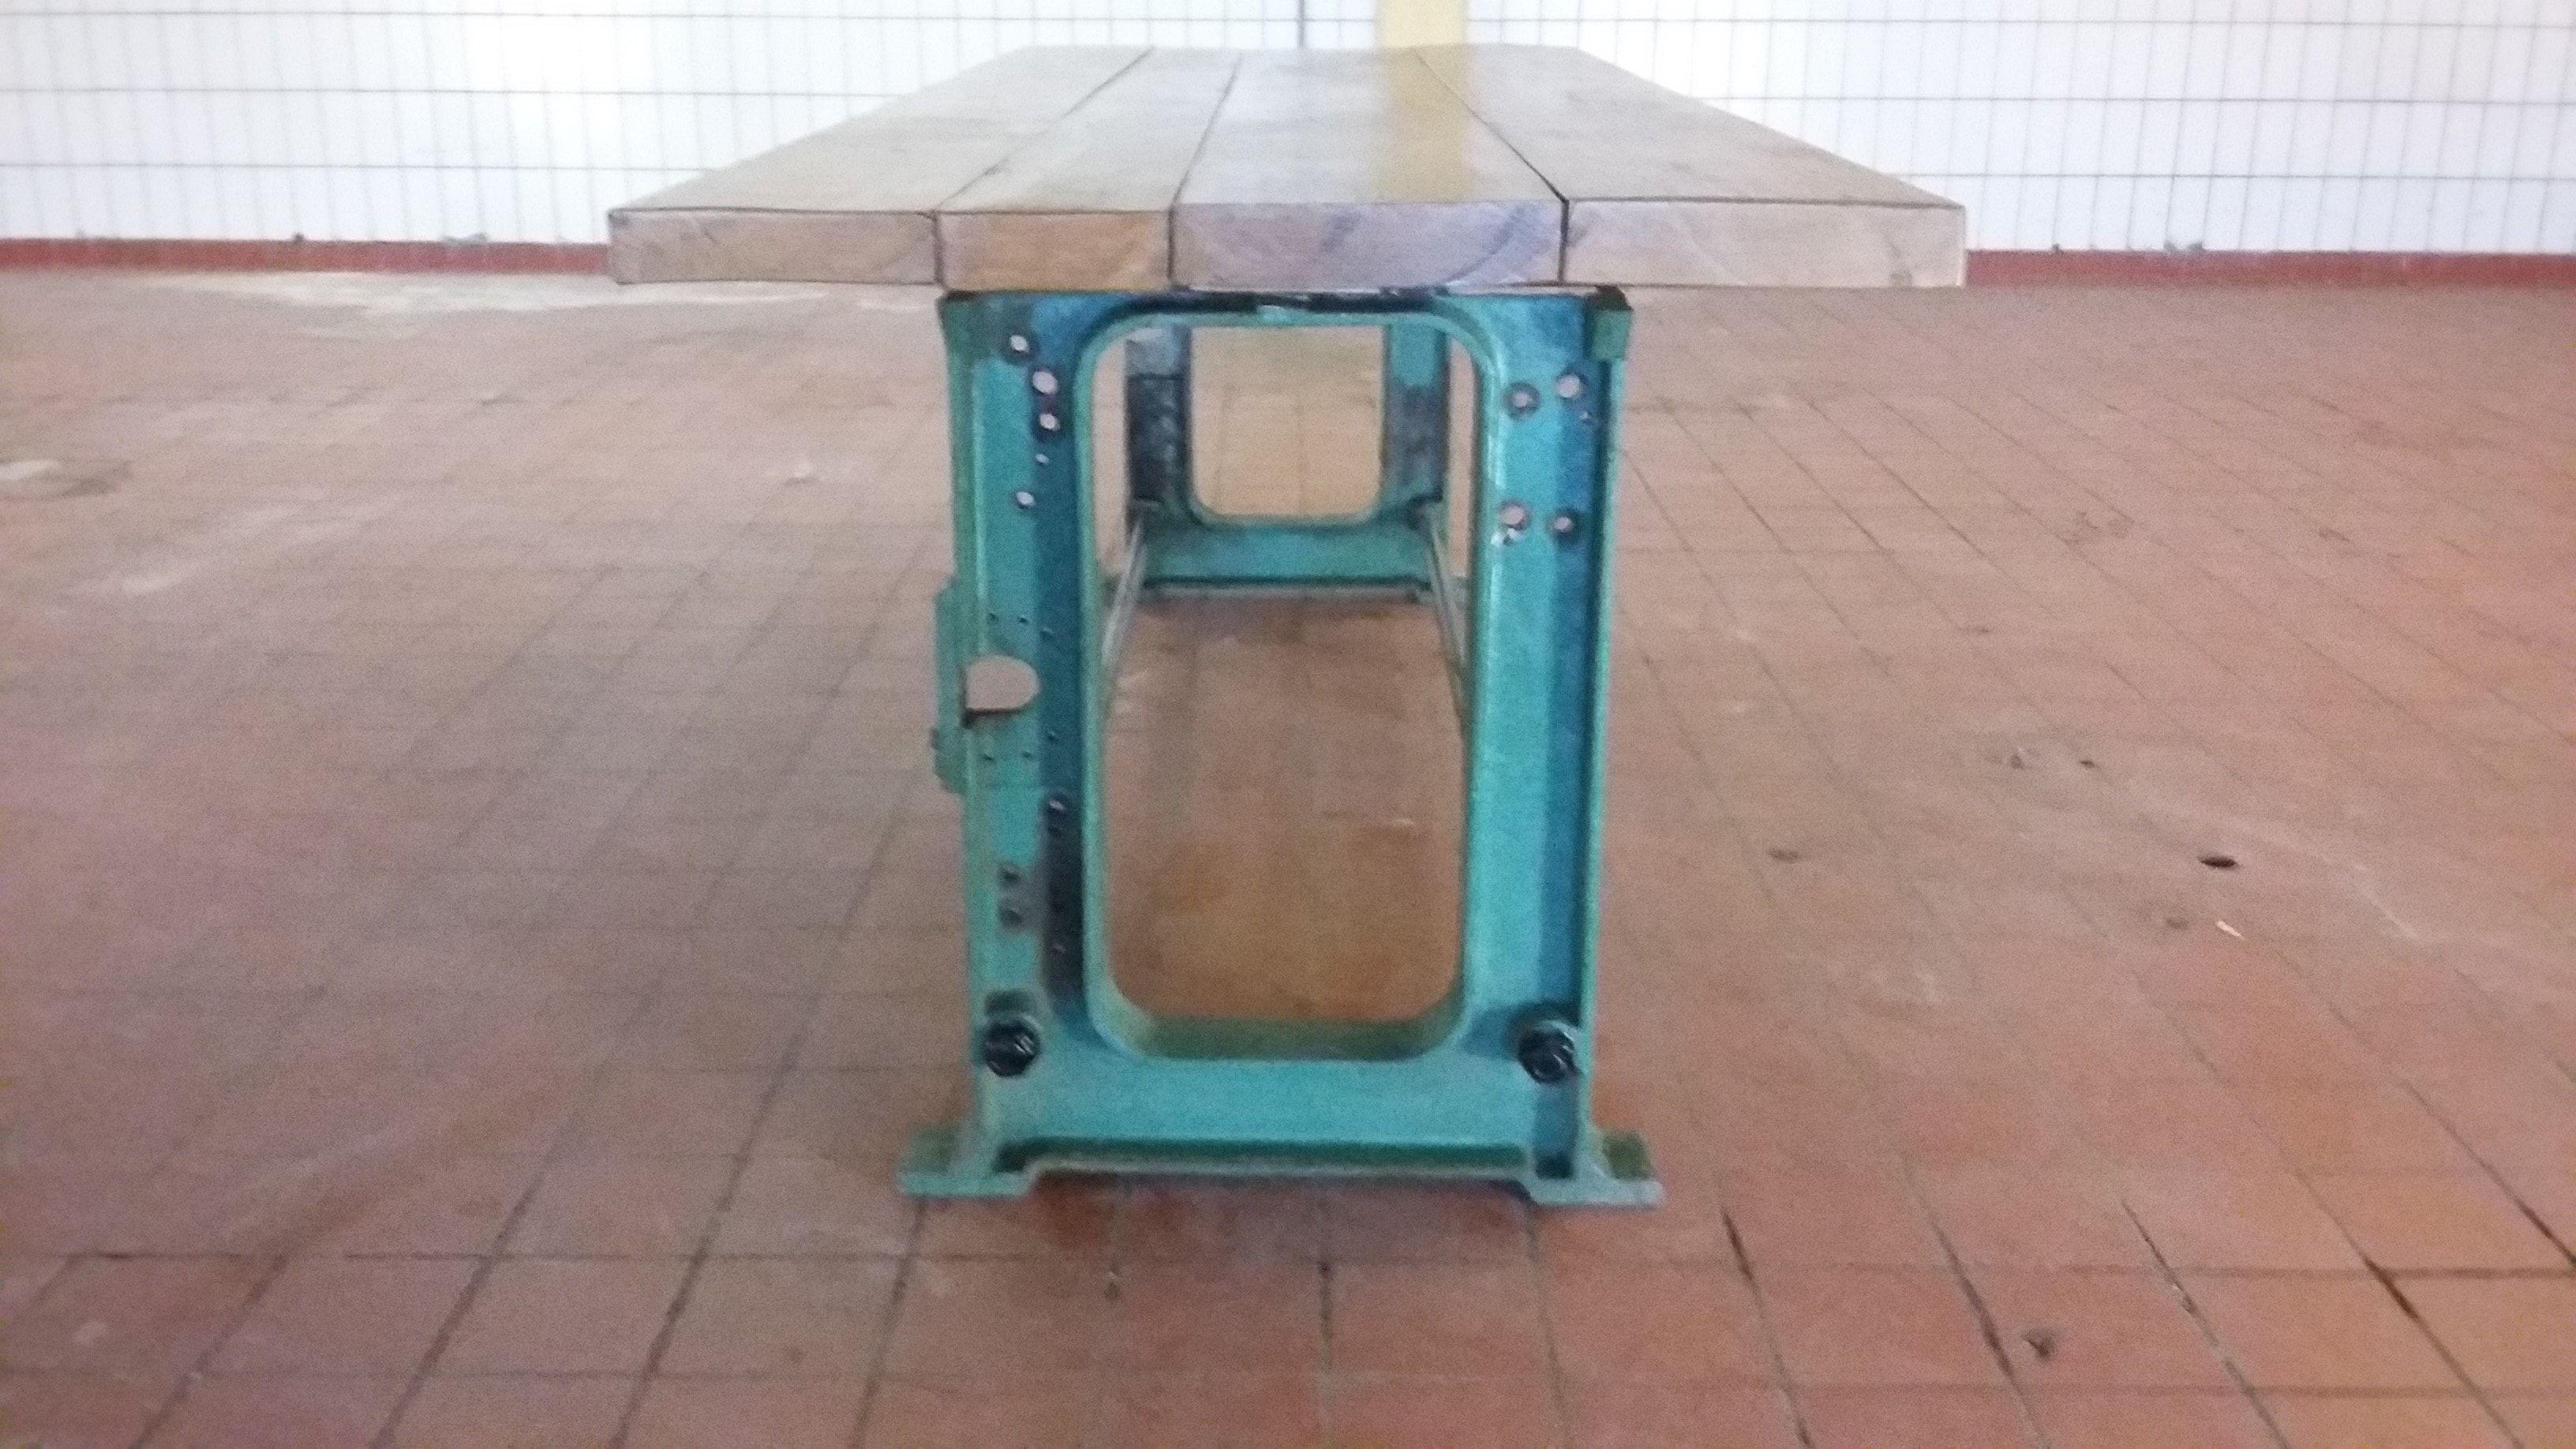 Unieke tafel met oude machine onderstel als tafelpoten er zit nu